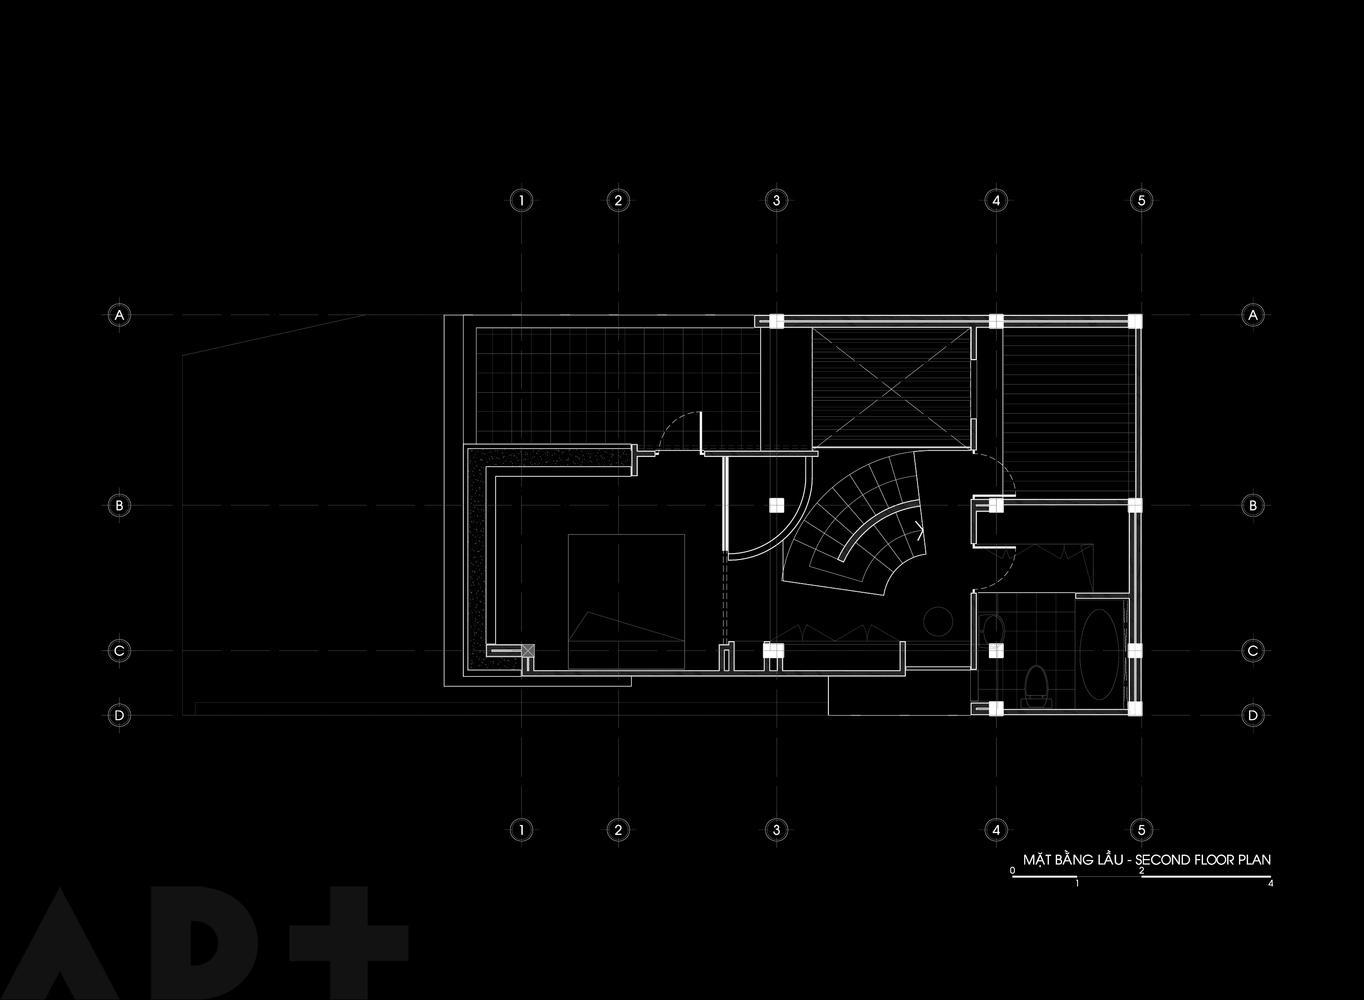 Bản thiết kế tầng 2.